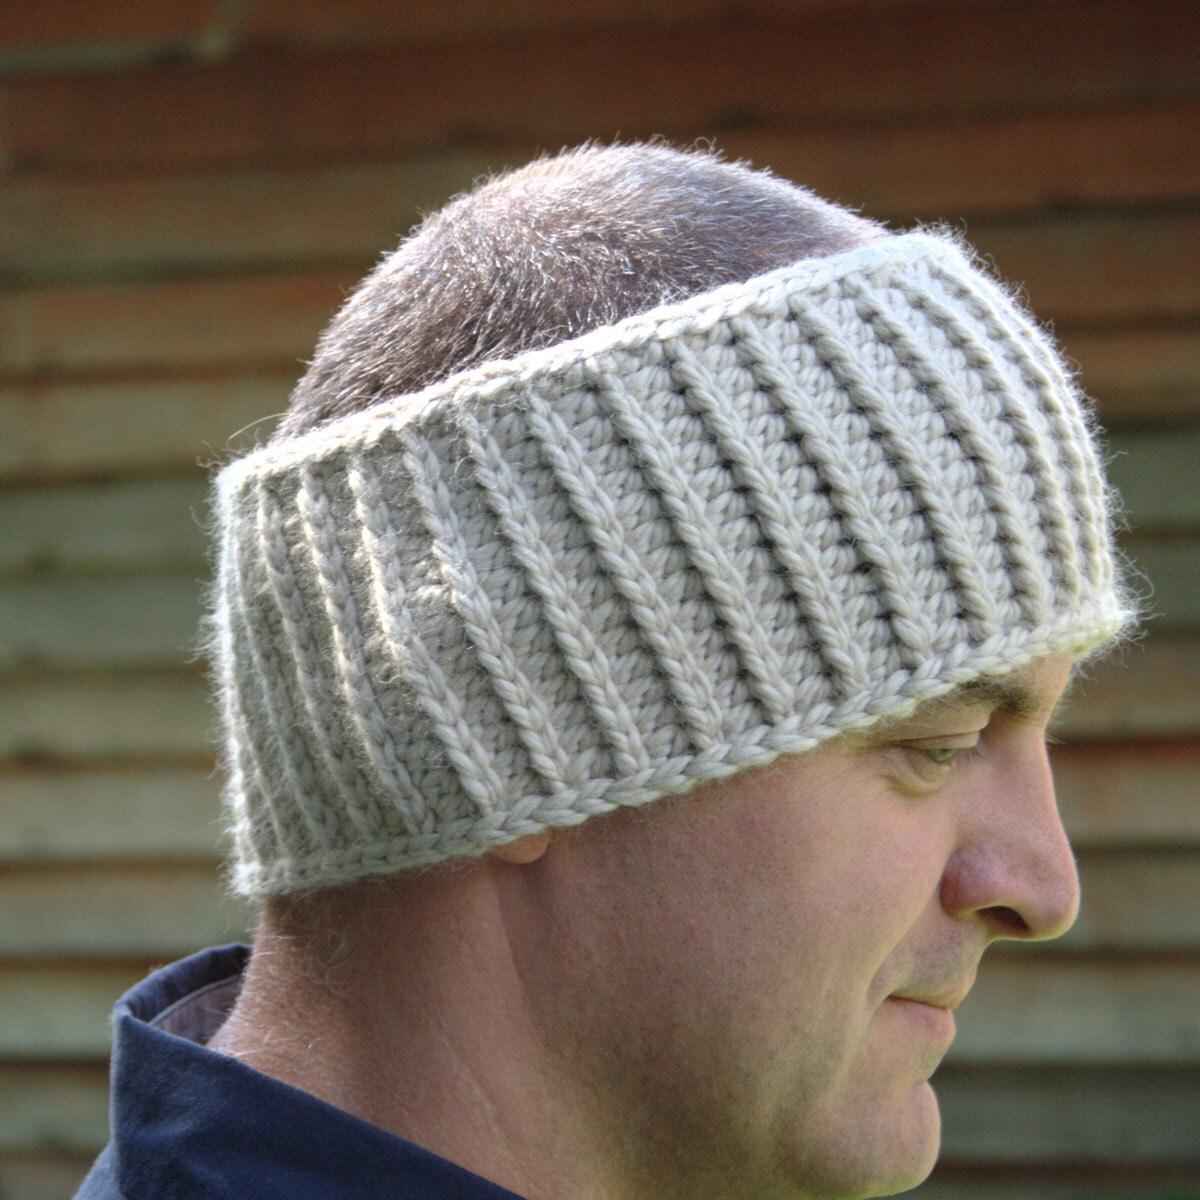 Crochet Patterns Ear Warmers : Crochet Ear Warmer Pattern Headwarmer by HiddenMeadowCrochet